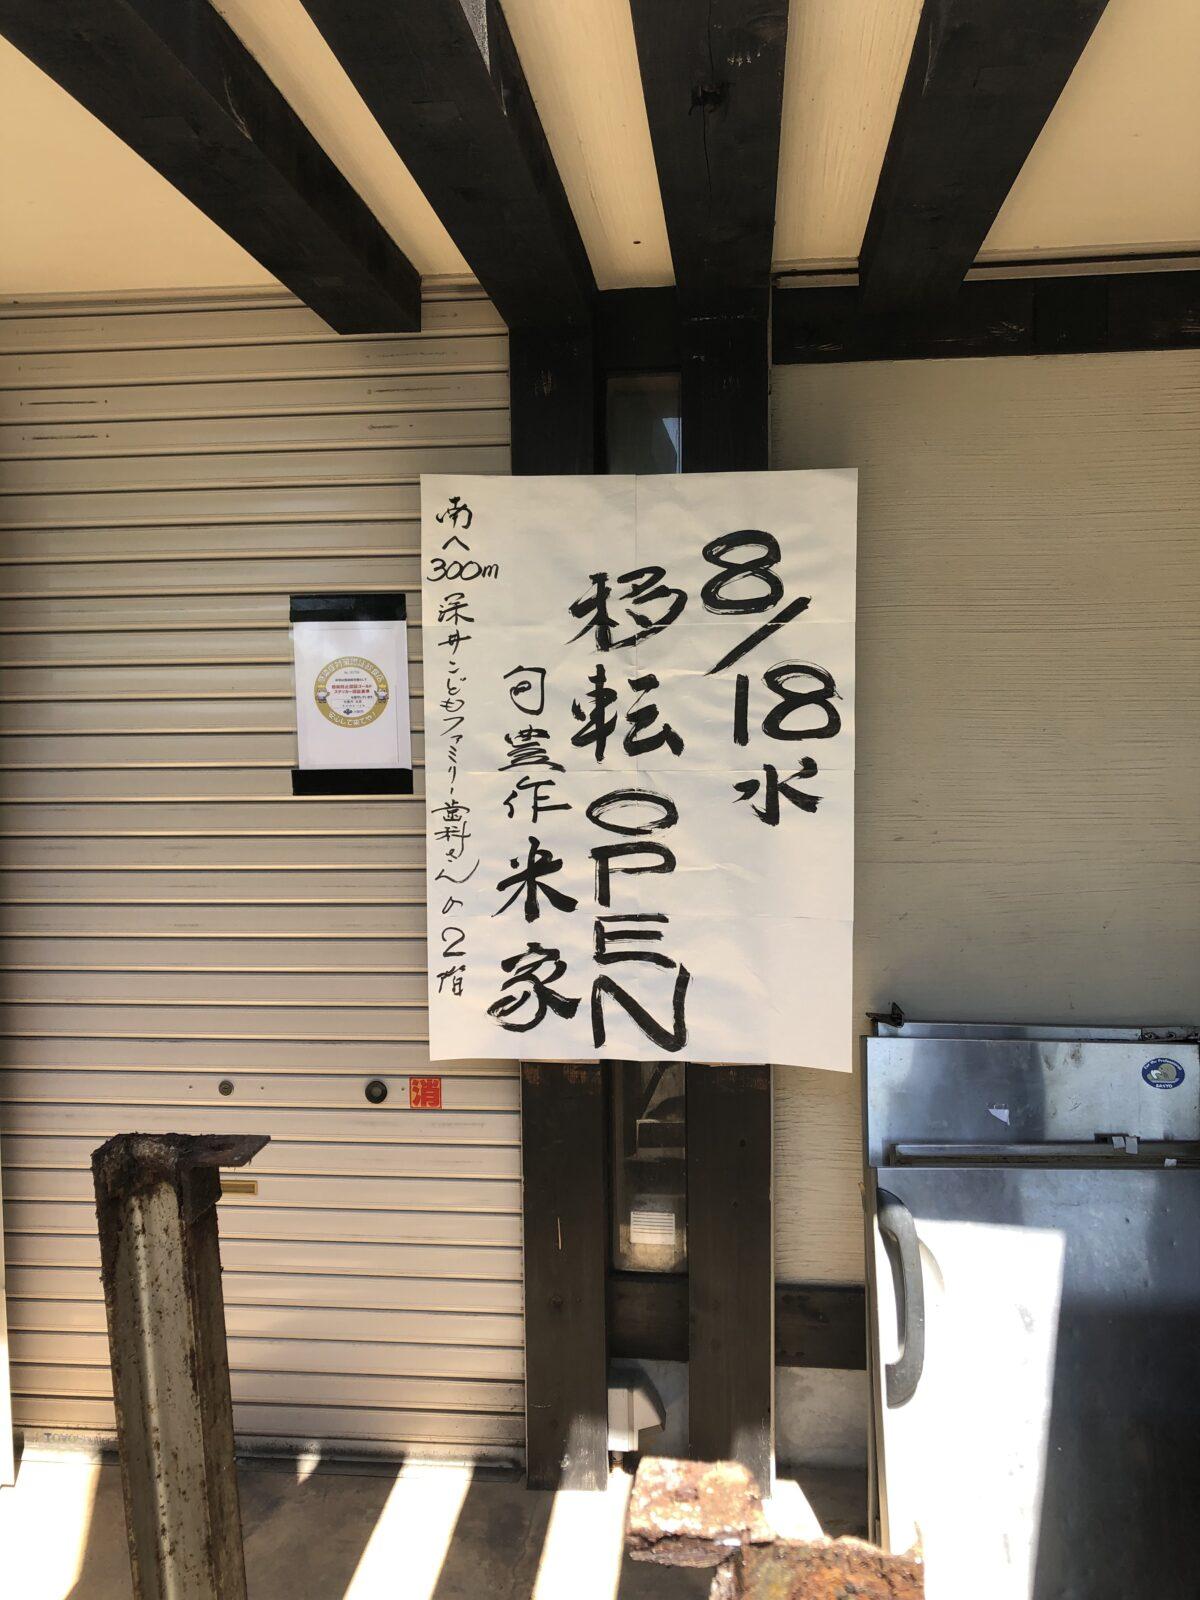 【移転リニューアル】堺市中区・深井にある『旬豊作 米家』が移転オープンするみたい!!: